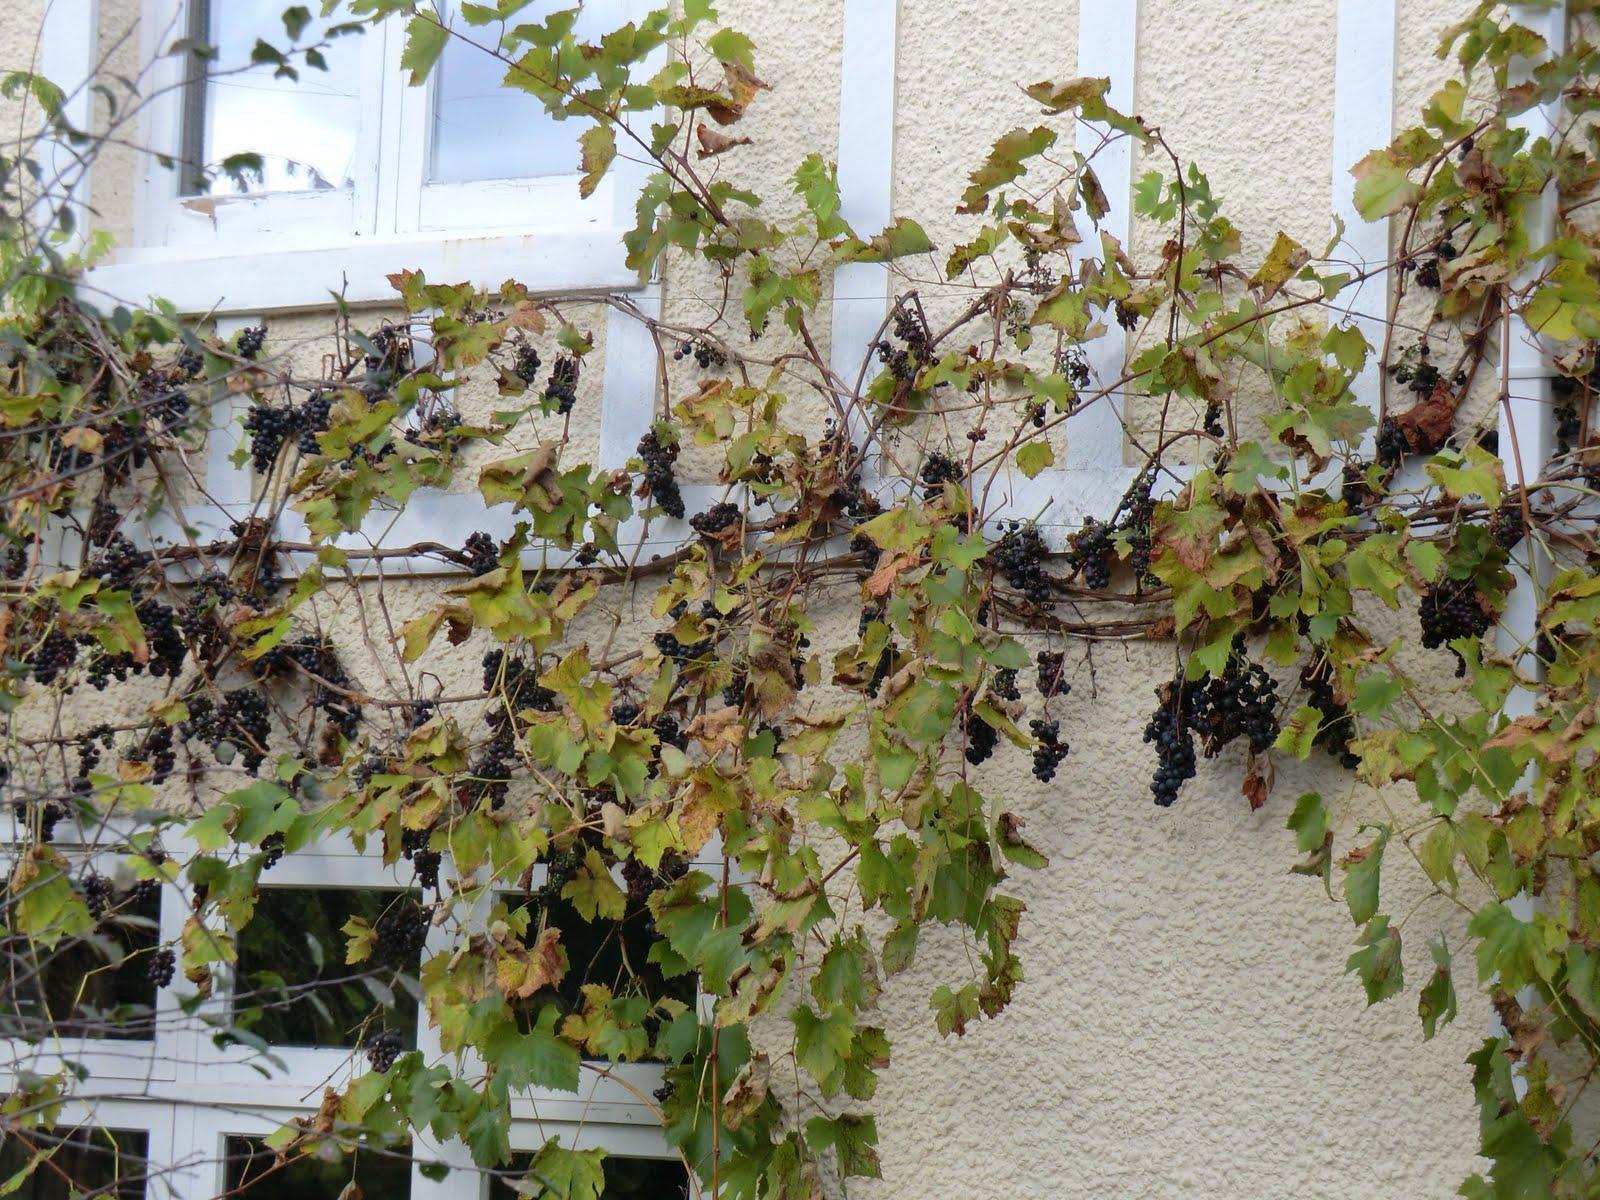 CIMG9469 Vine, Wadhurst